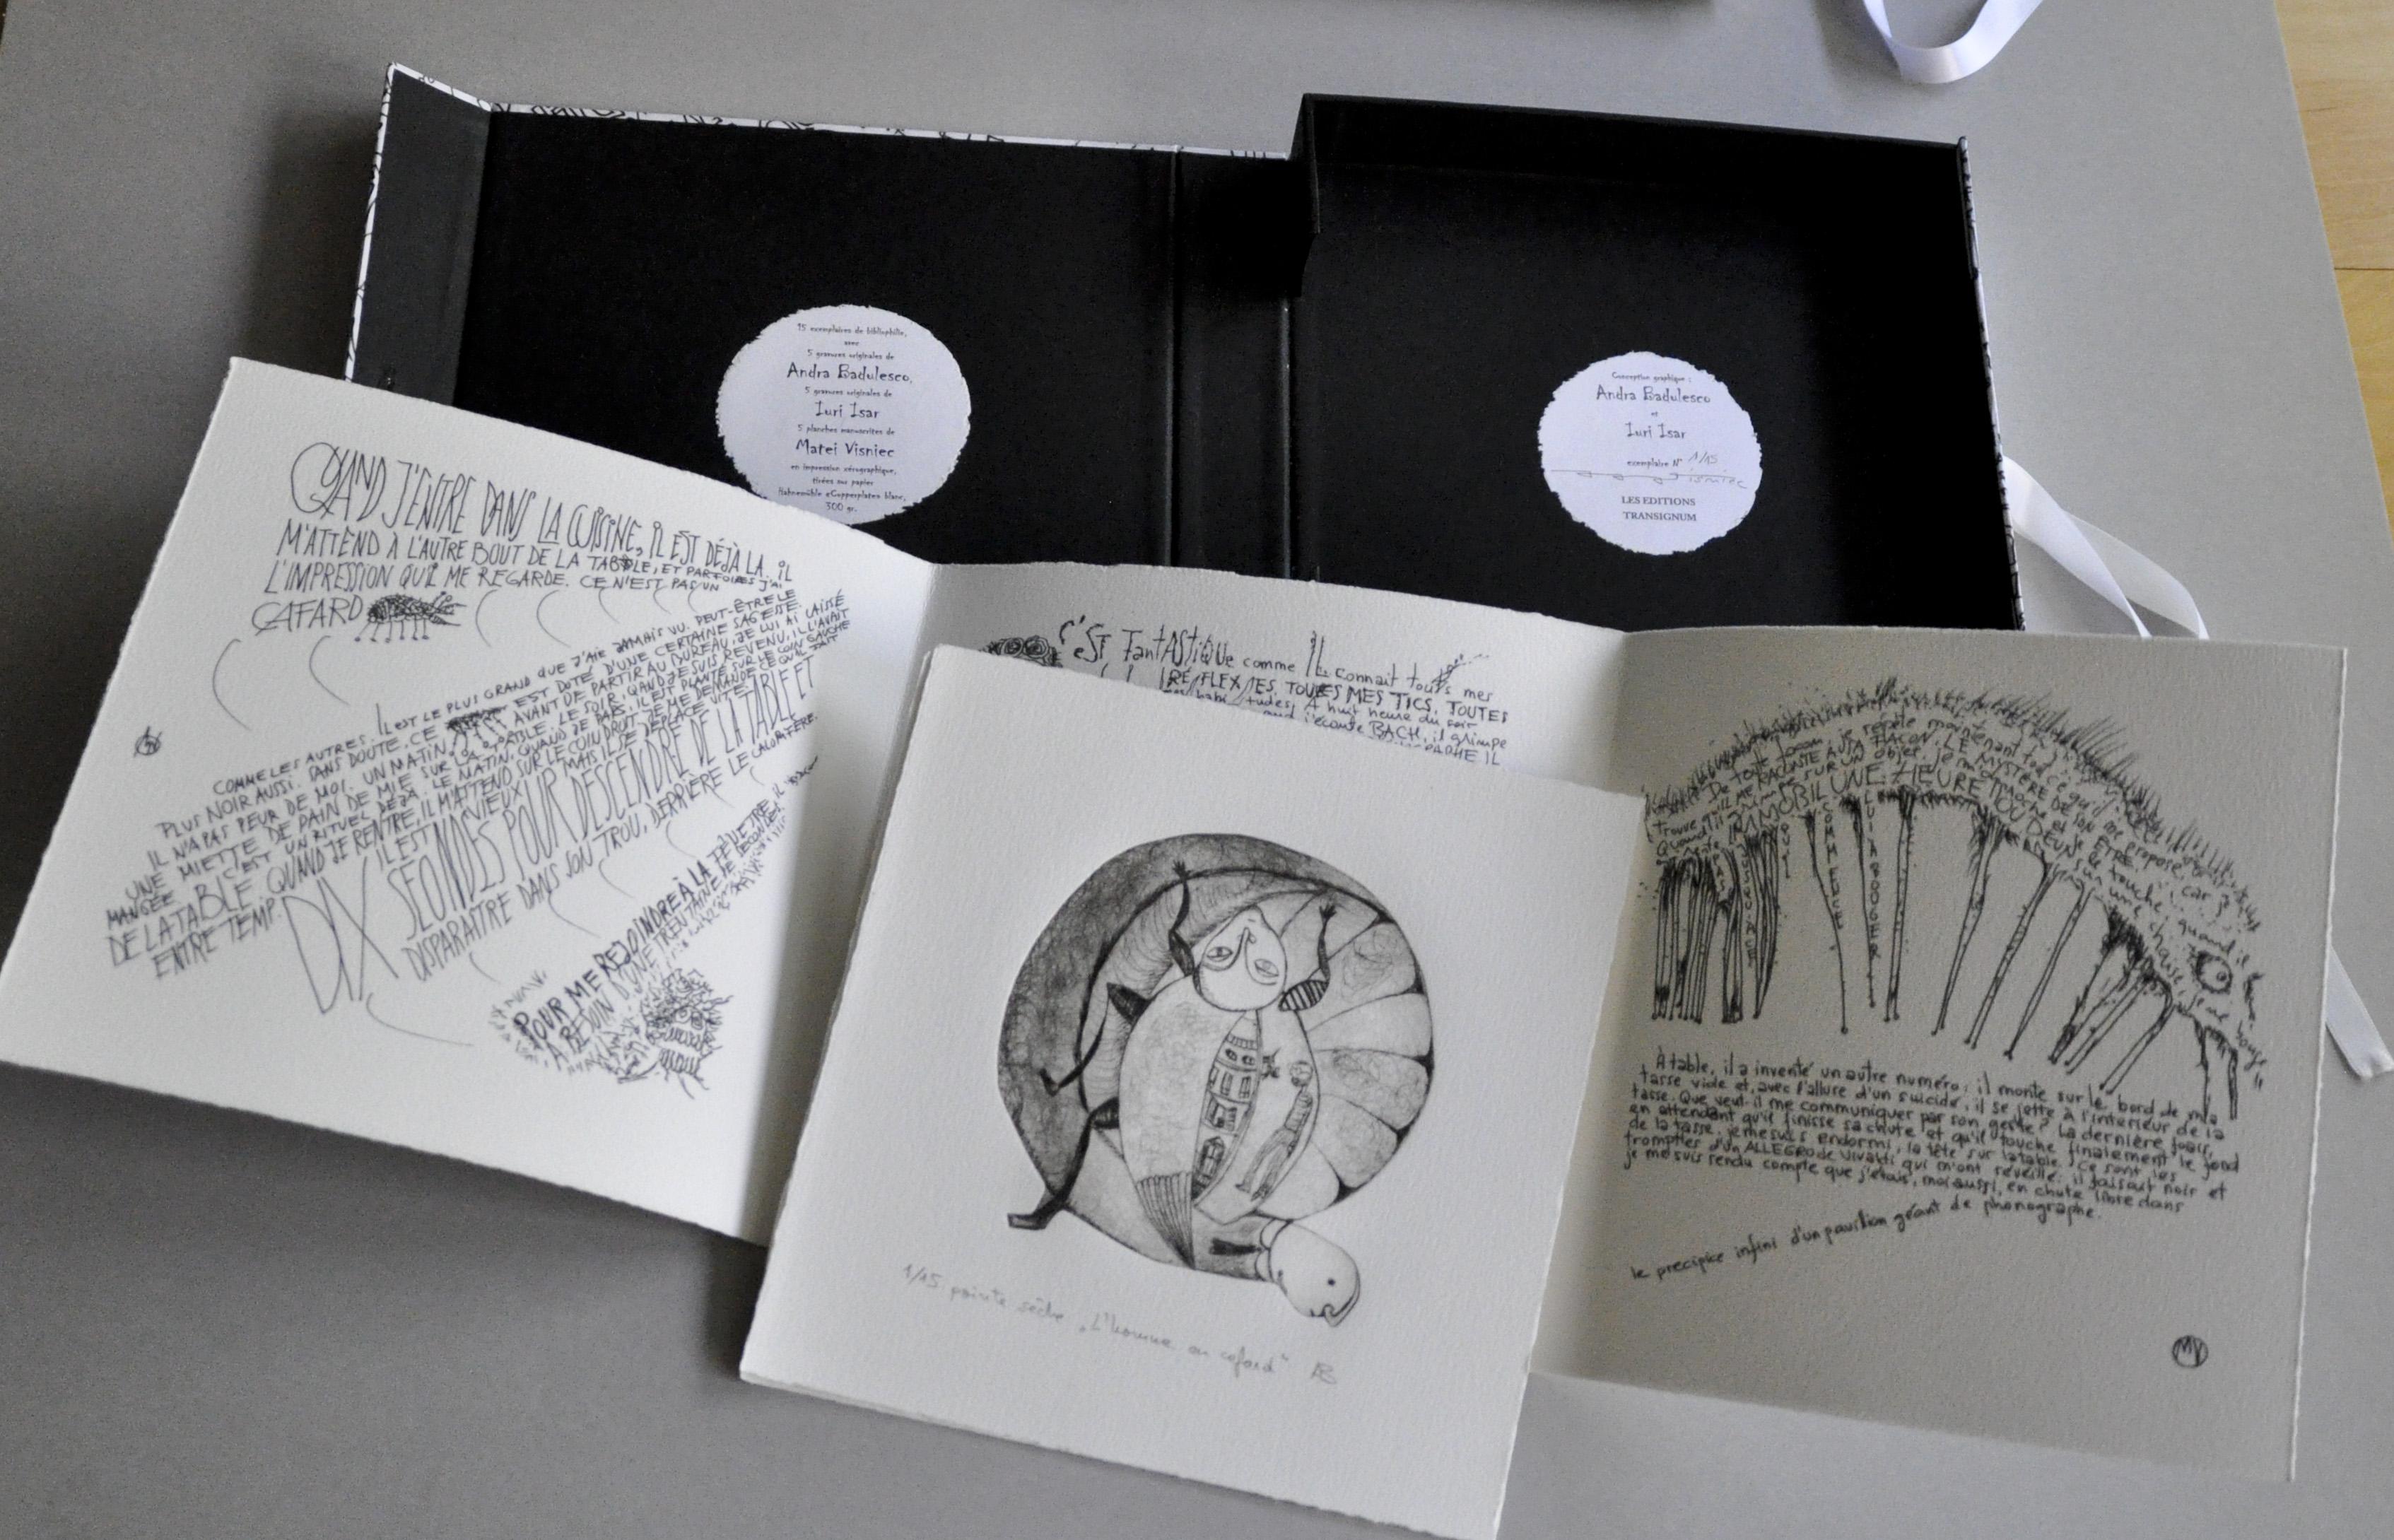 Livre d'artiste en tirage limité, avec des textes de Matei Visniec